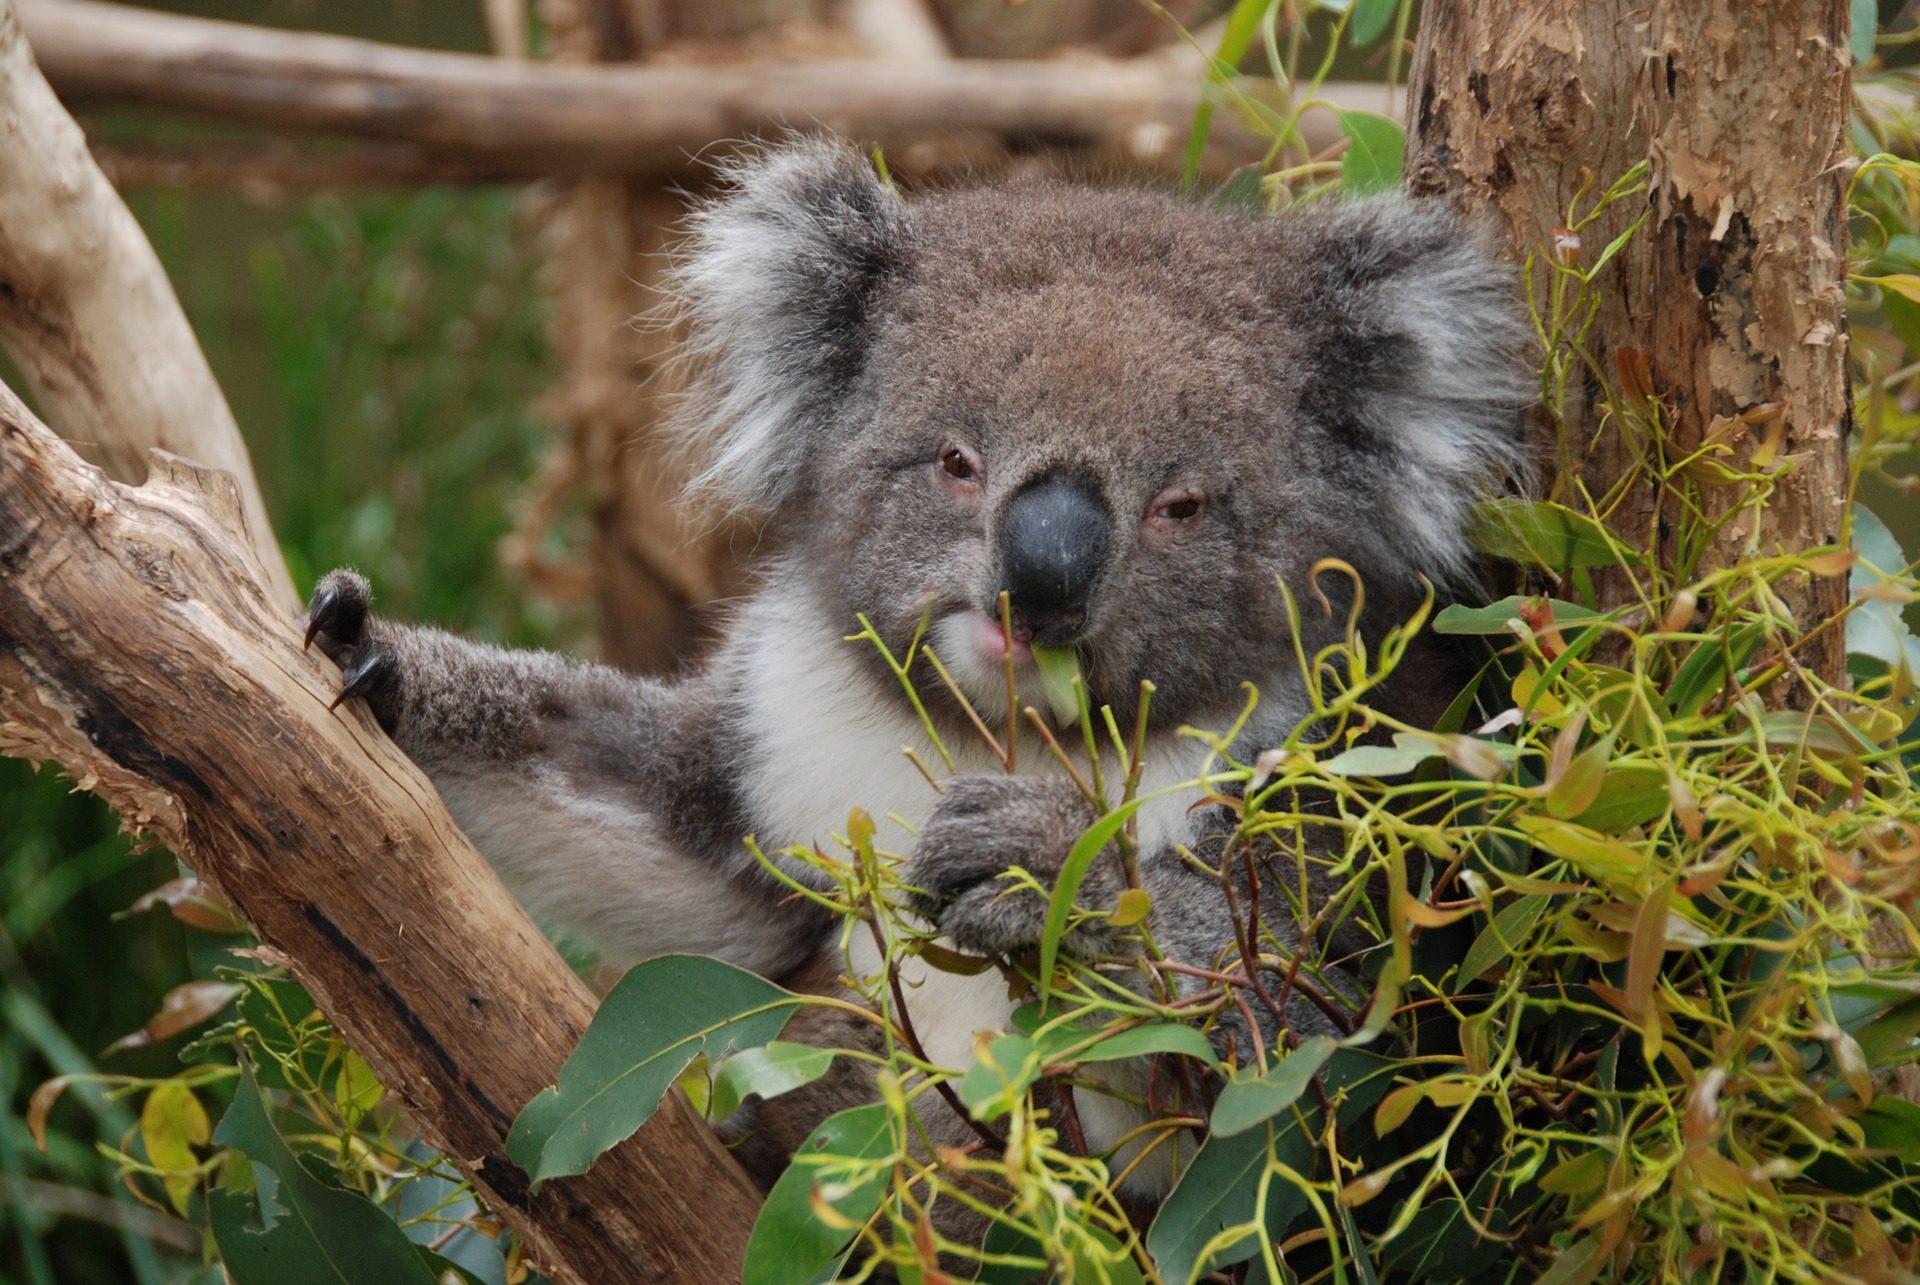 Koala, griffes, Direction générale de la, arbre, Eucalyptus, rare, Australie - Fonds d'écran HD - Professor-falken.com